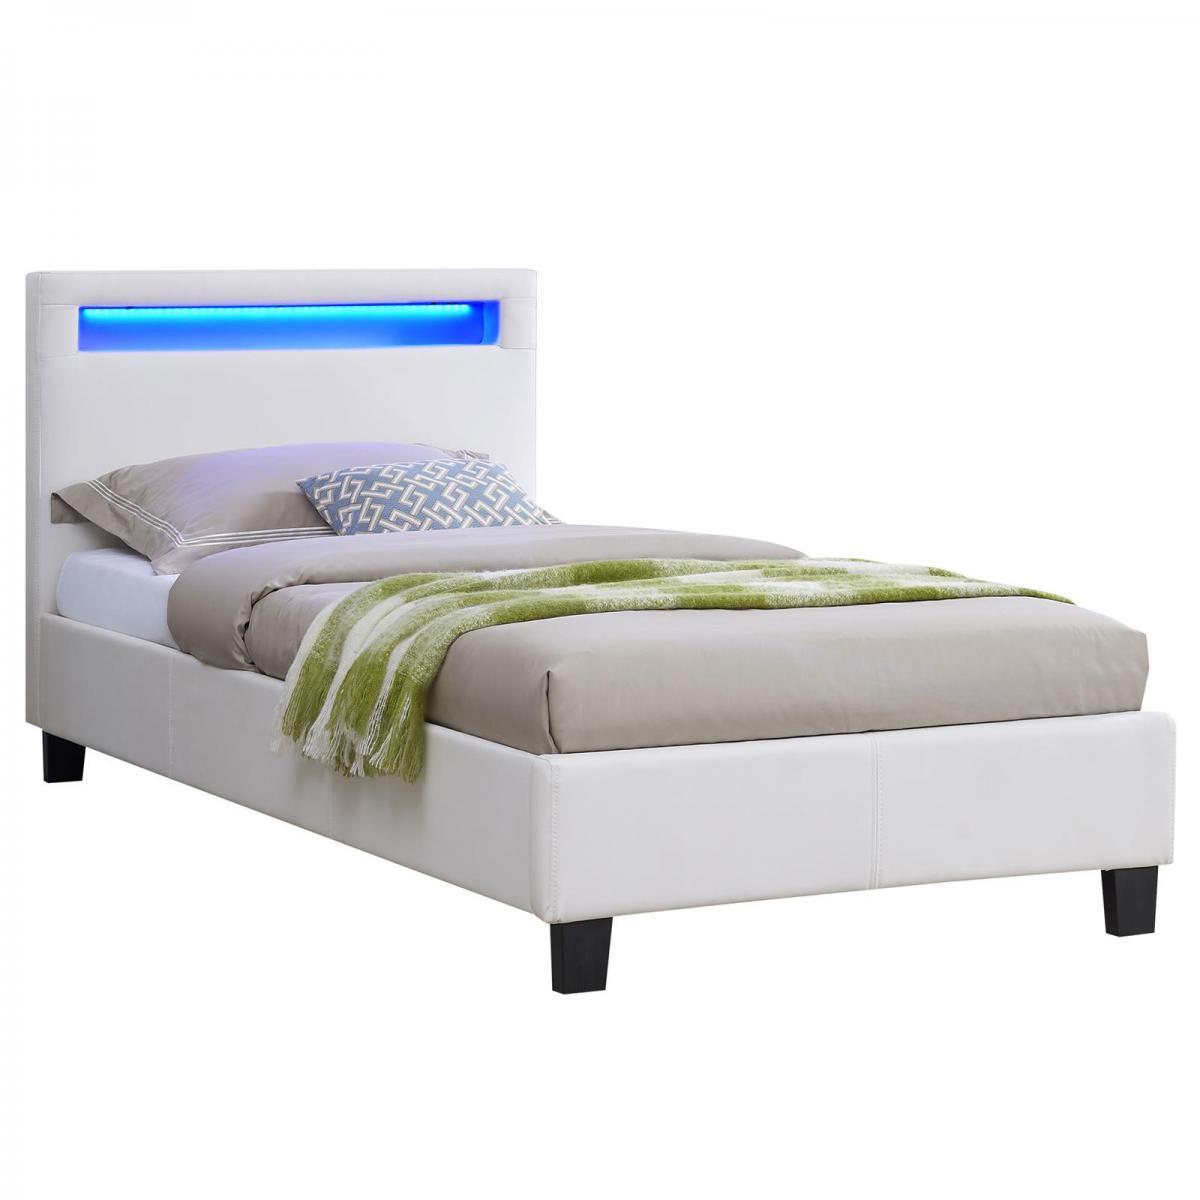 Idimex Lit simple LUCENO, 90 x 190 cm, avec LED intégrées et sommier, revêtement synthétique blanc